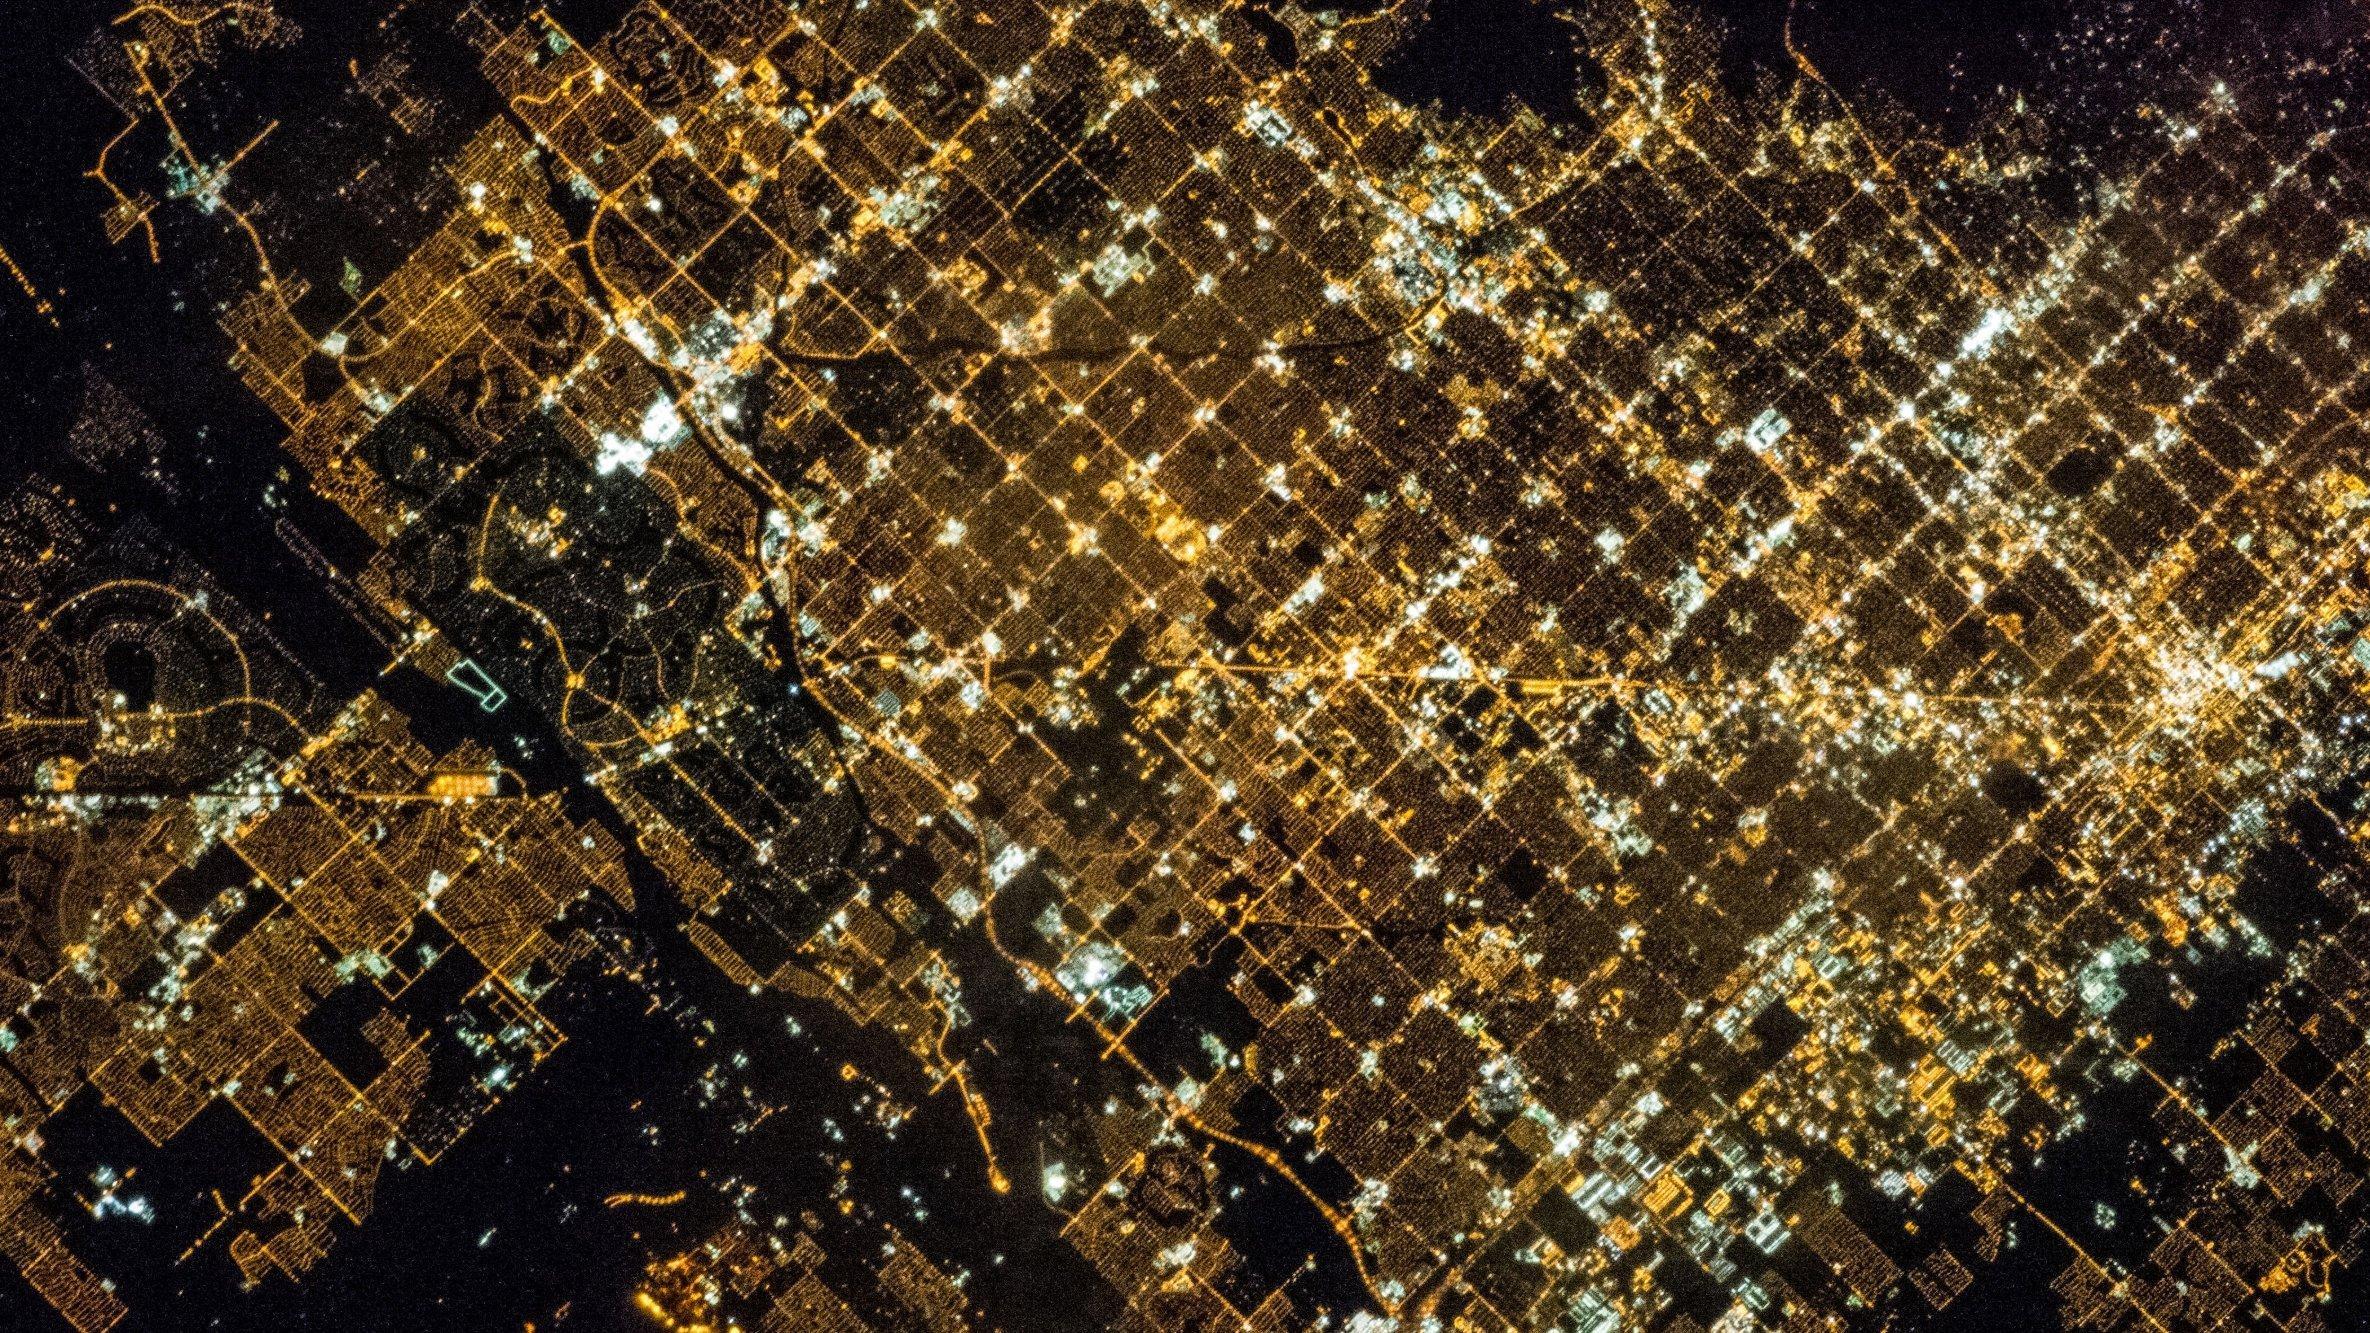 Die US-amerikanischen Stadt Phoenix bei Nacht. Aufgenommen aus der Internationalen Raumstation.